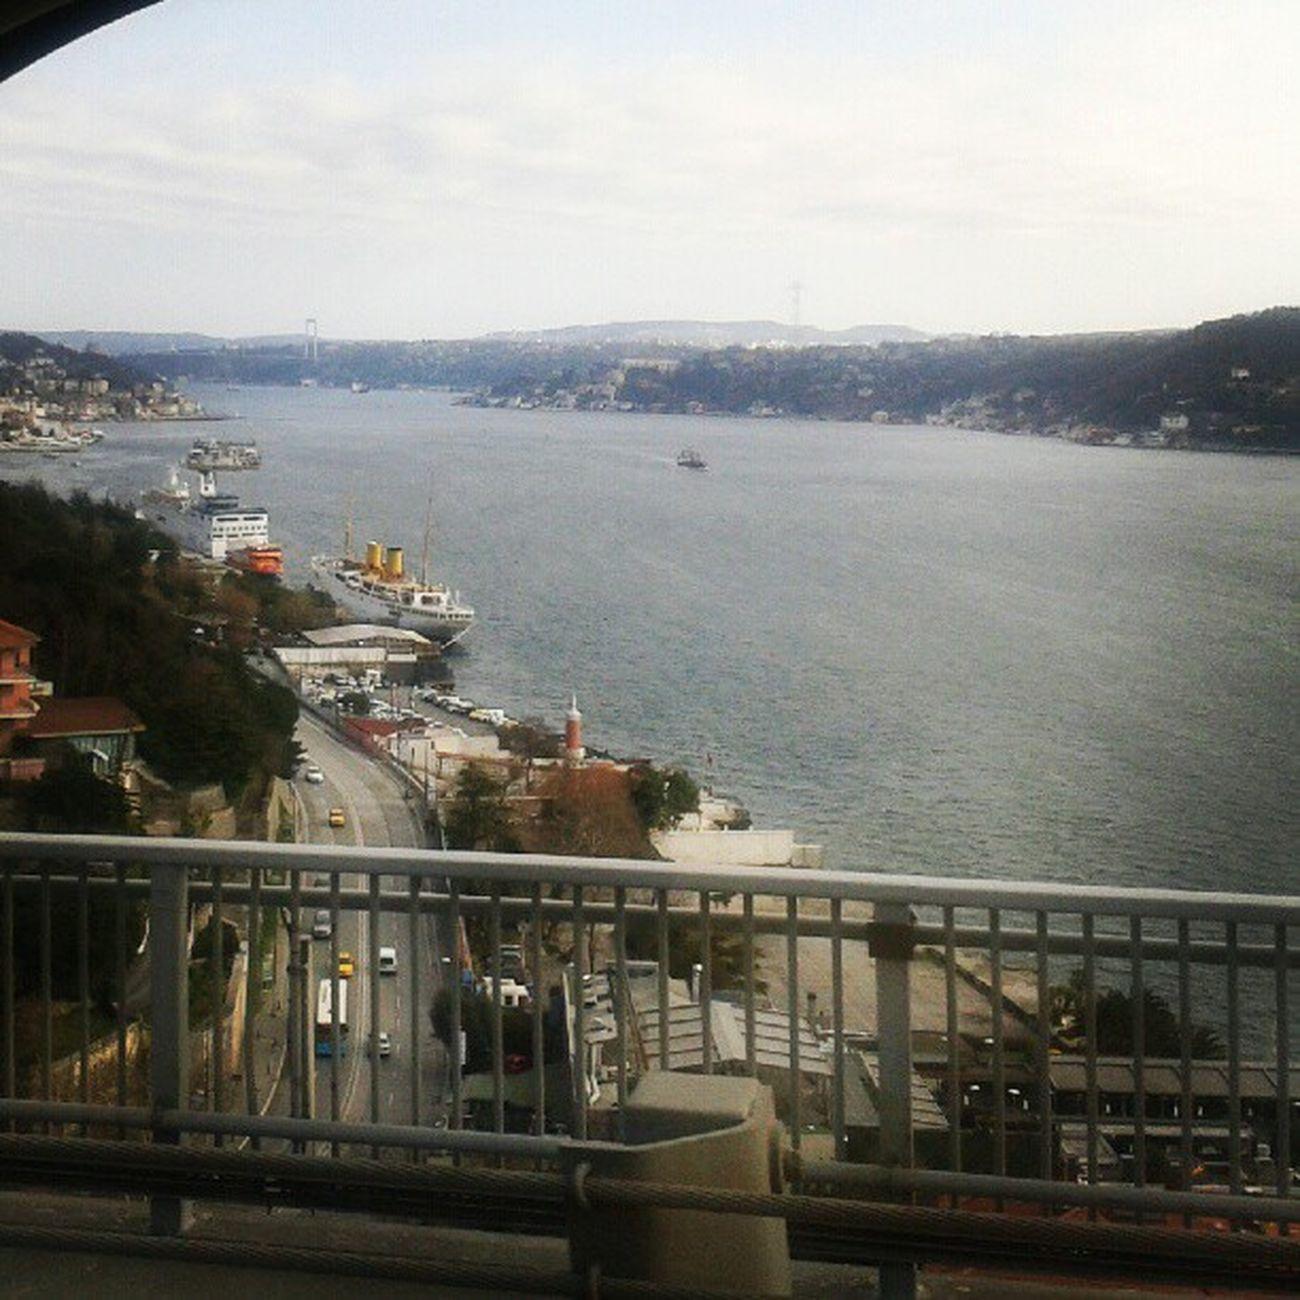 Bosphorus Bosphorusbridge Frombridge Istanbullife Istanbul Travel Journey View Nice Türkiye Turkey Instagram Insta Instaturkiye Boğaziçi Bogazkoprusu Gezi